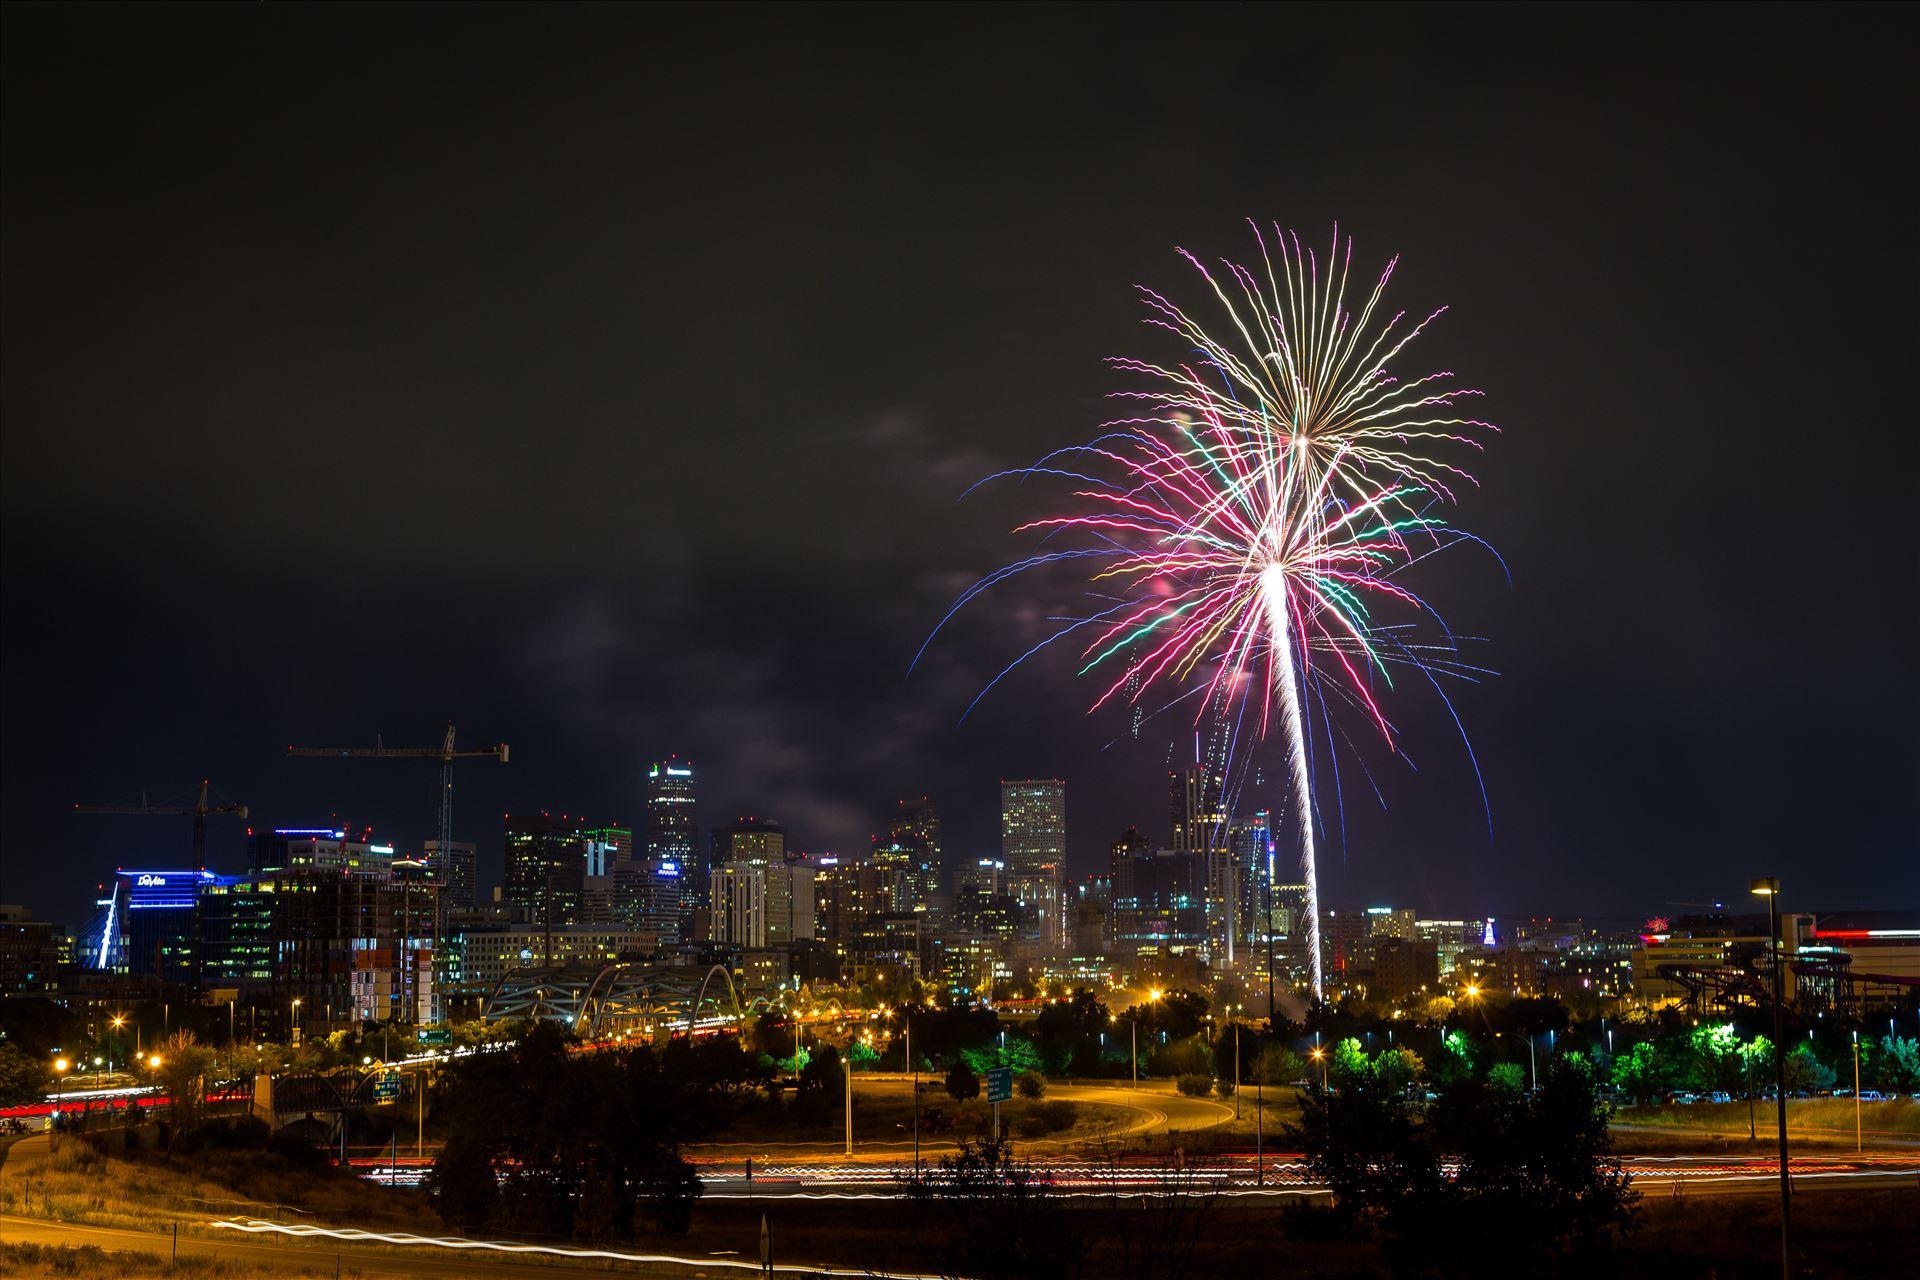 Elitch's Fireworks 2016 - 6 - Fireworks from Elitch Gardens, taken near Speer and Zuni in Denver, Colorado. by D Scott Smith